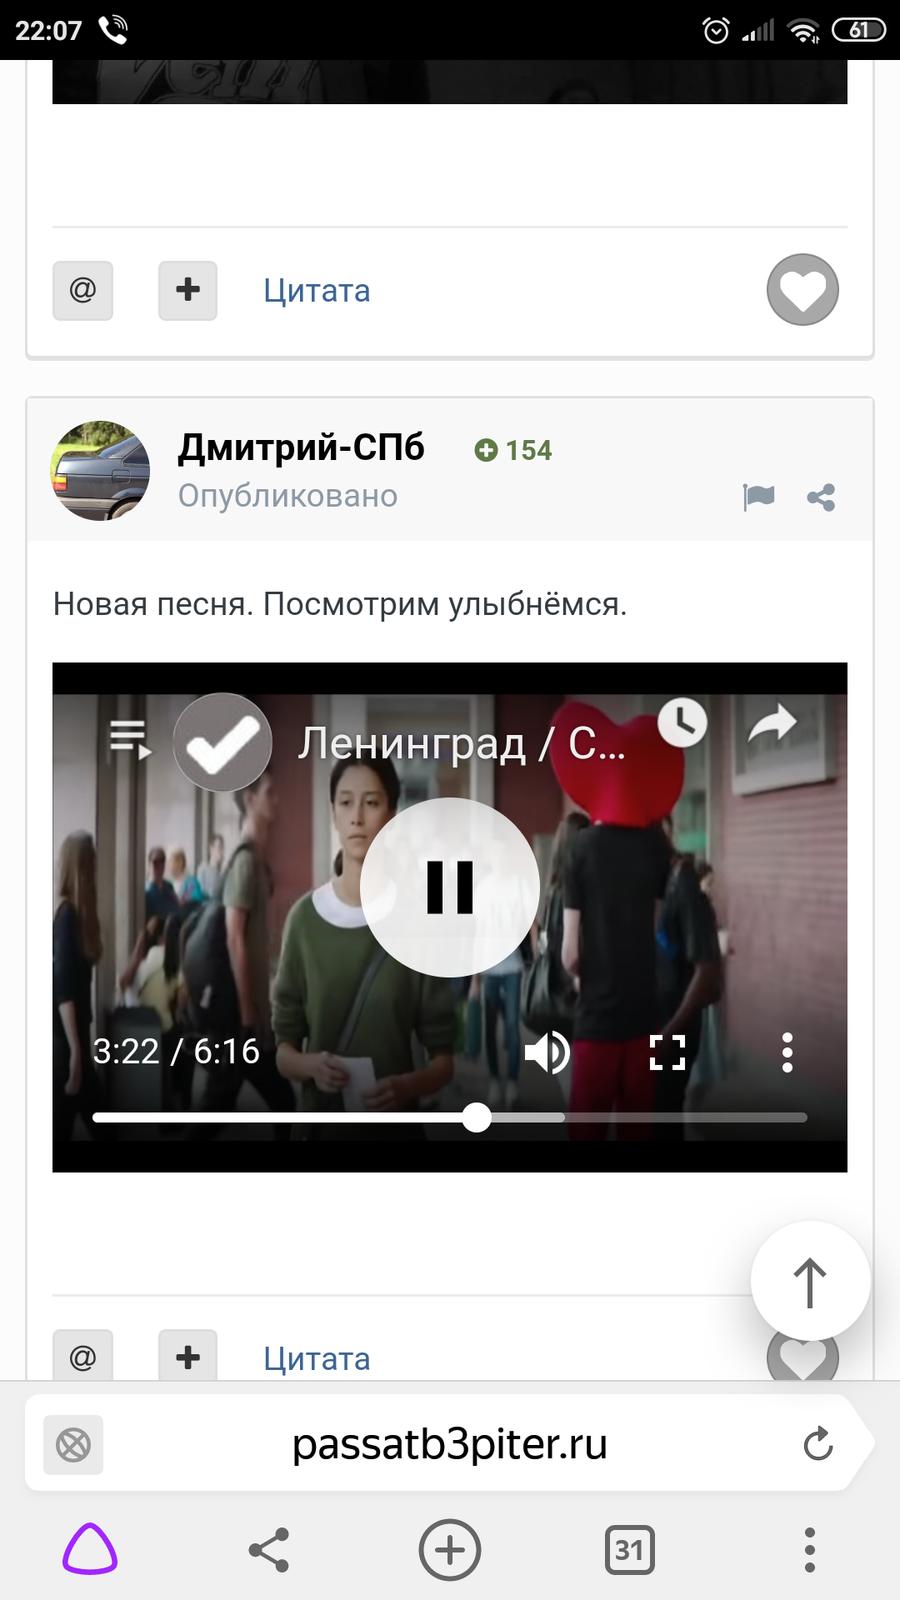 Screenshot_2019-06-01-22-07-08-506_com.yandex.browser.png